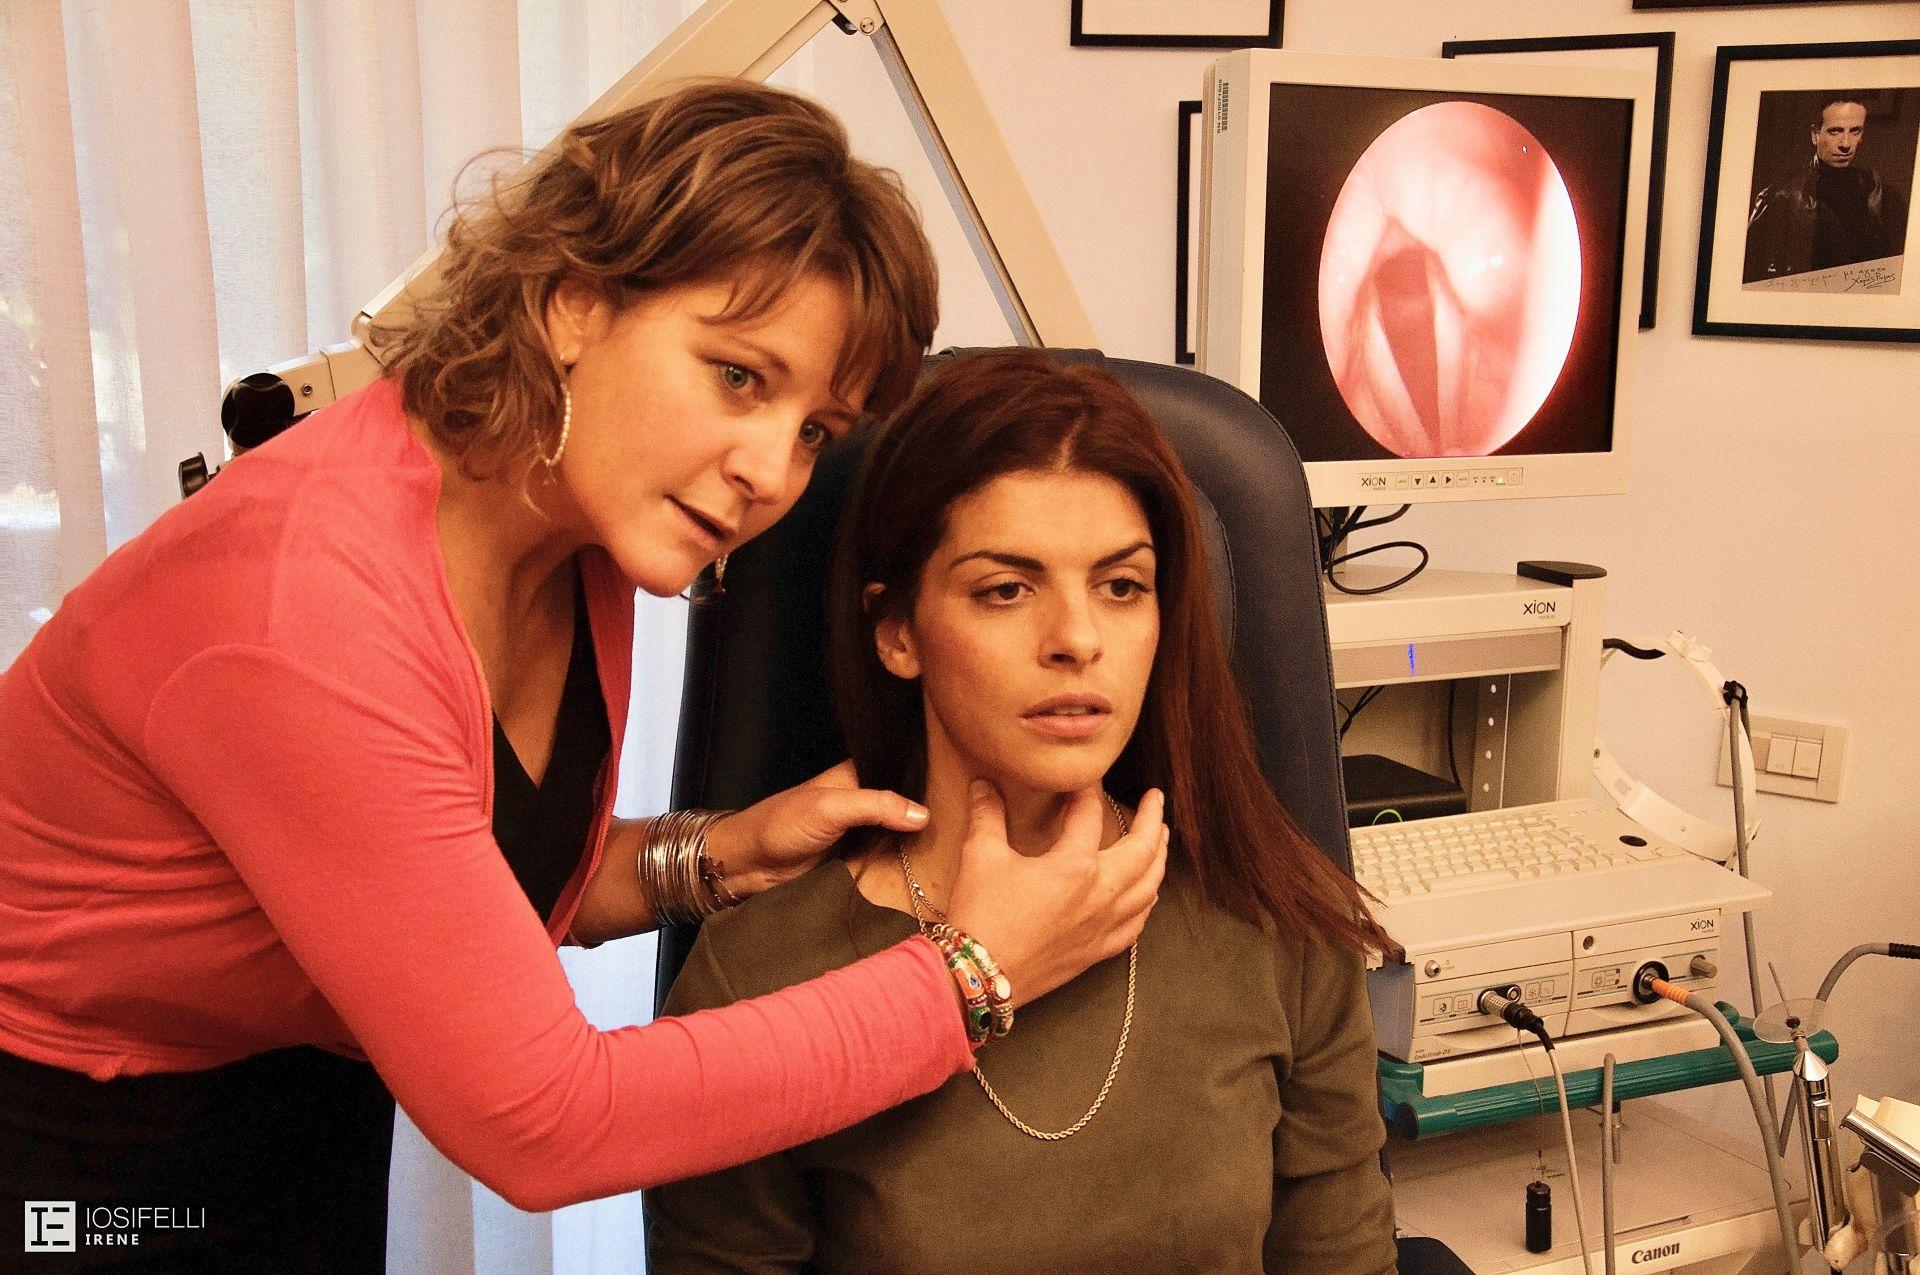 Μαθαίνοντας να ψηλαφώ το λάρυγγα, υπό την καθοδήγηση της συνεργάτιδας Σοφία Γεωργίου - Φυσικοθεραπεύτρια Φωνής<span></span>